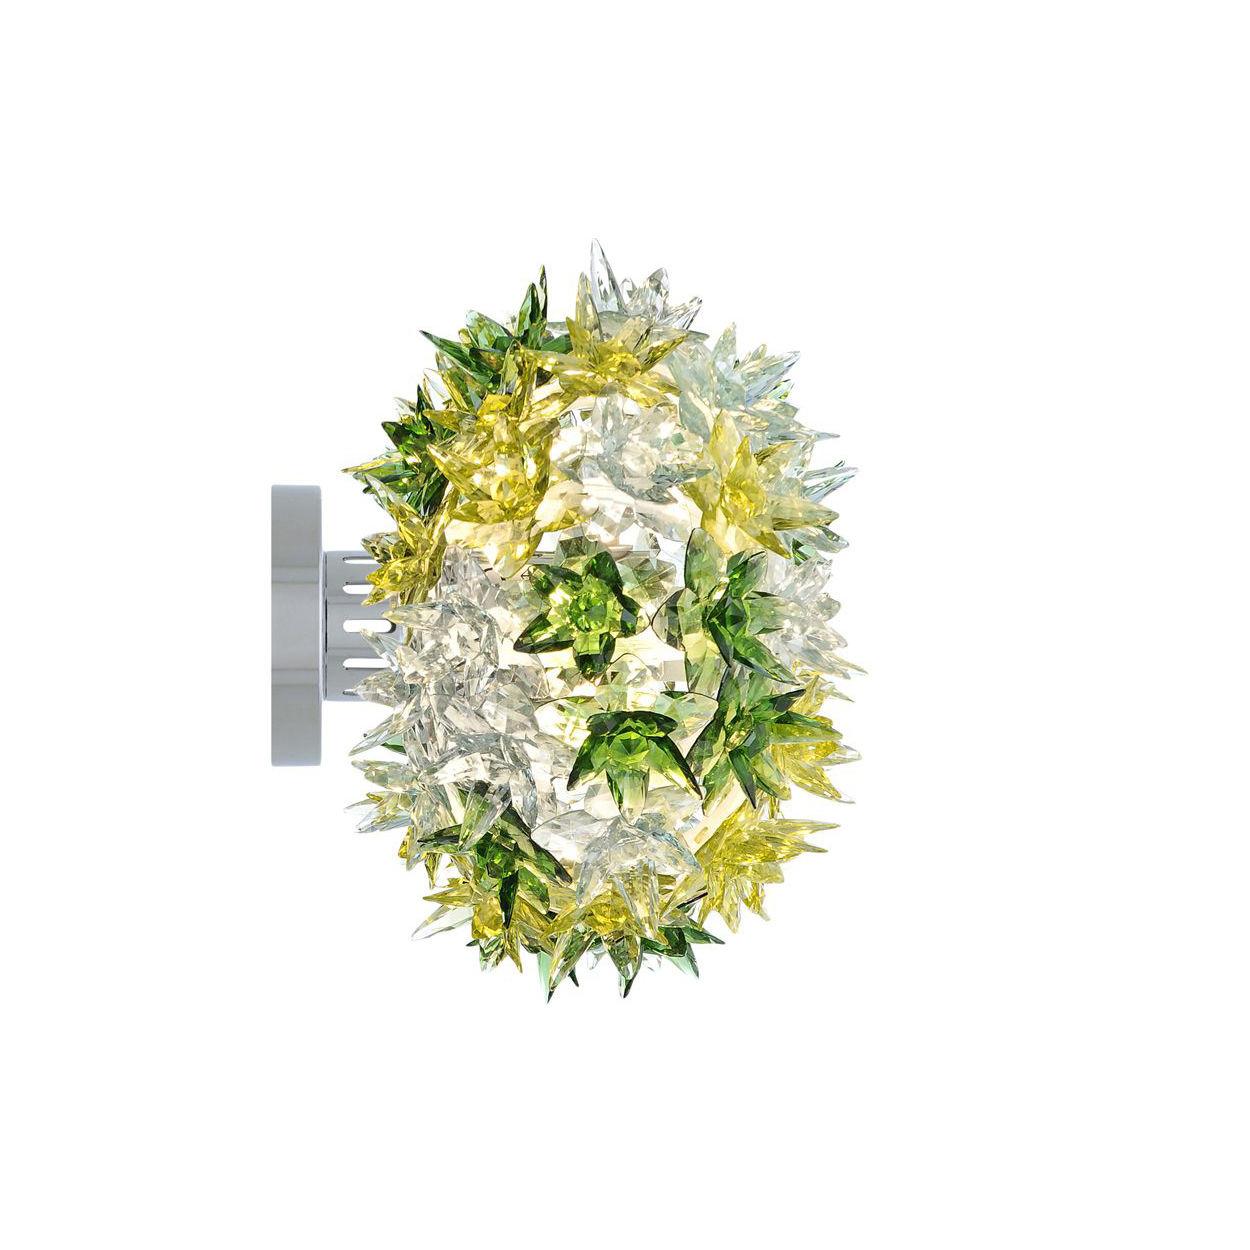 Bloom wandlamp Kartell mint